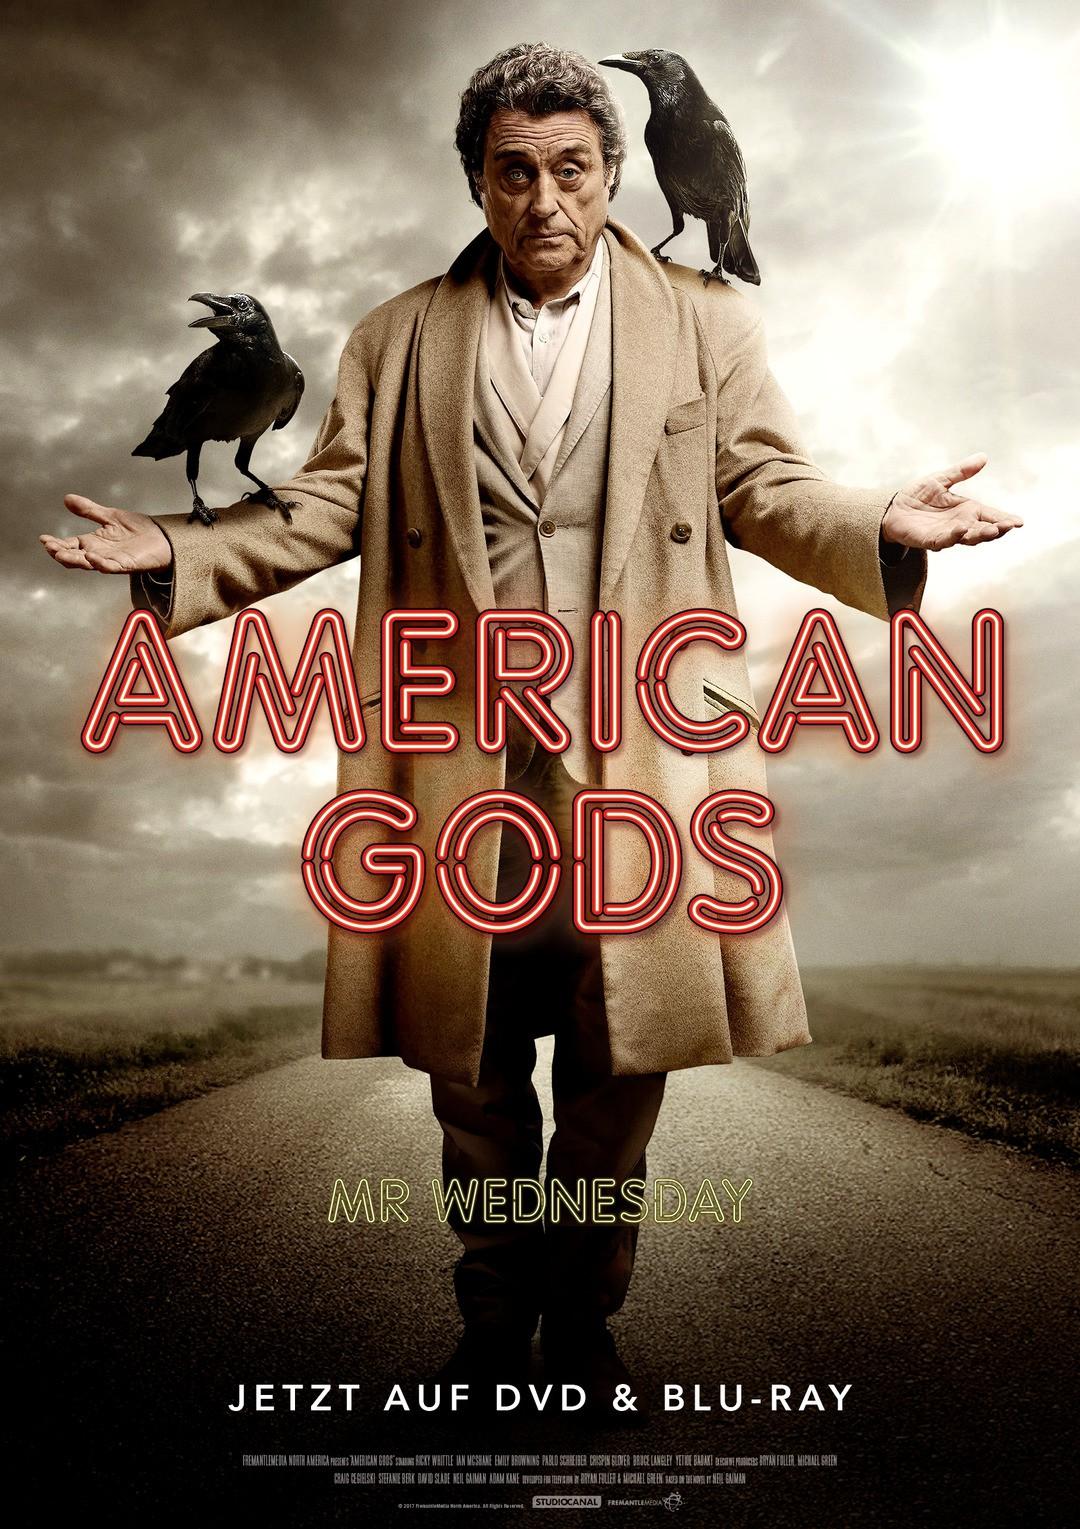 American Gods: Das sind die Götter - Bild 1 von 40